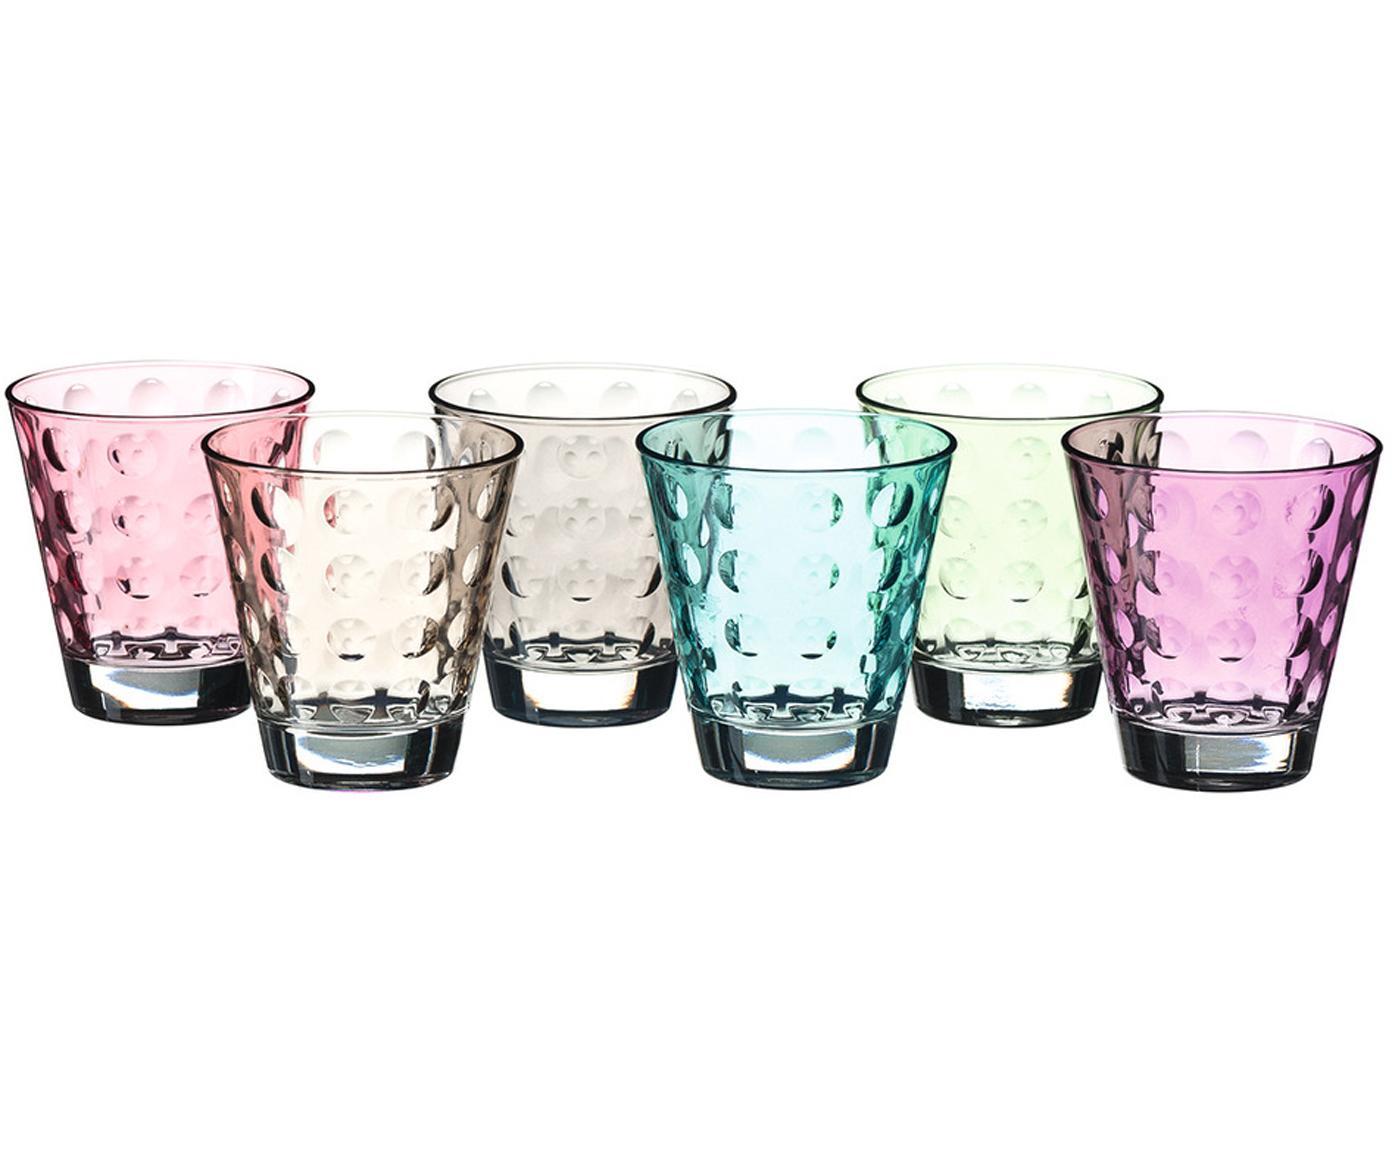 Komplet szklanek do wody Gunnar, 6 elem., Szkło, Wielobarwny, Ø 9 x W 9 cm